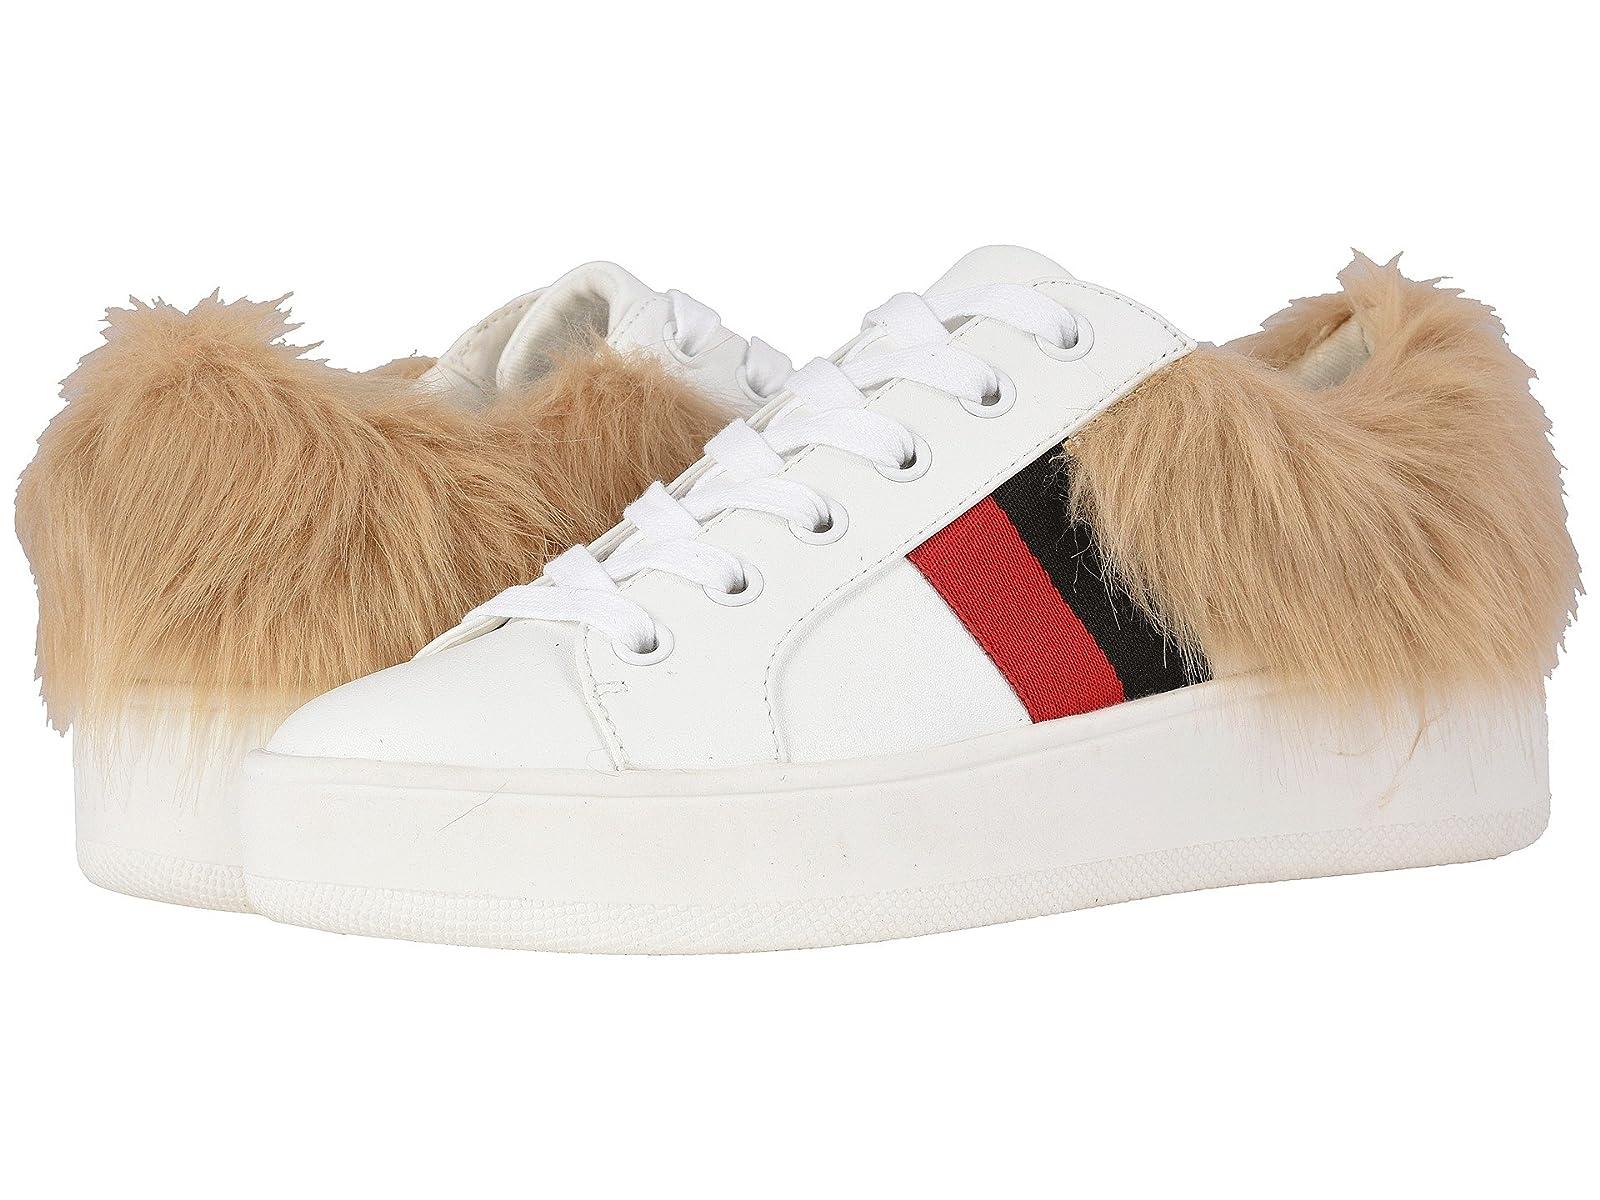 Steve Madden Belle-FAtmospheric grades have affordable shoes